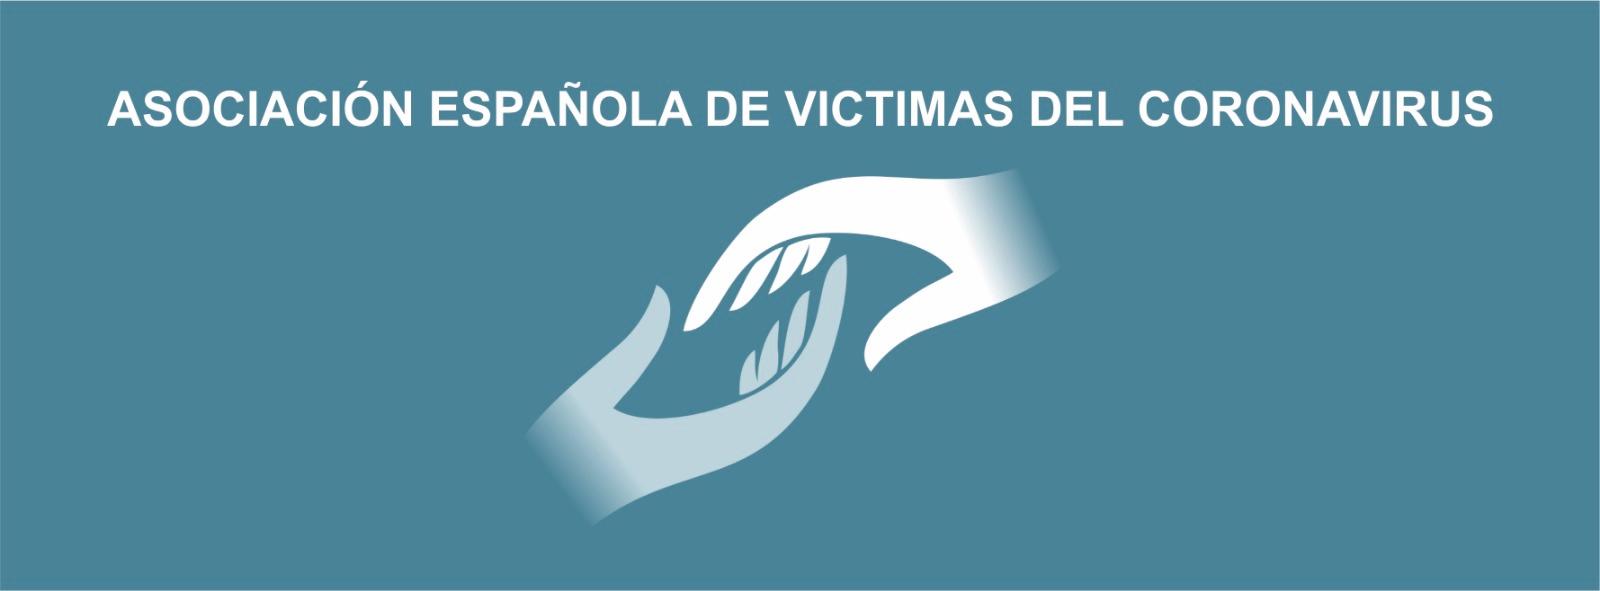 Nace en Granada la Asociación Española de Víctimas del Coronavirus